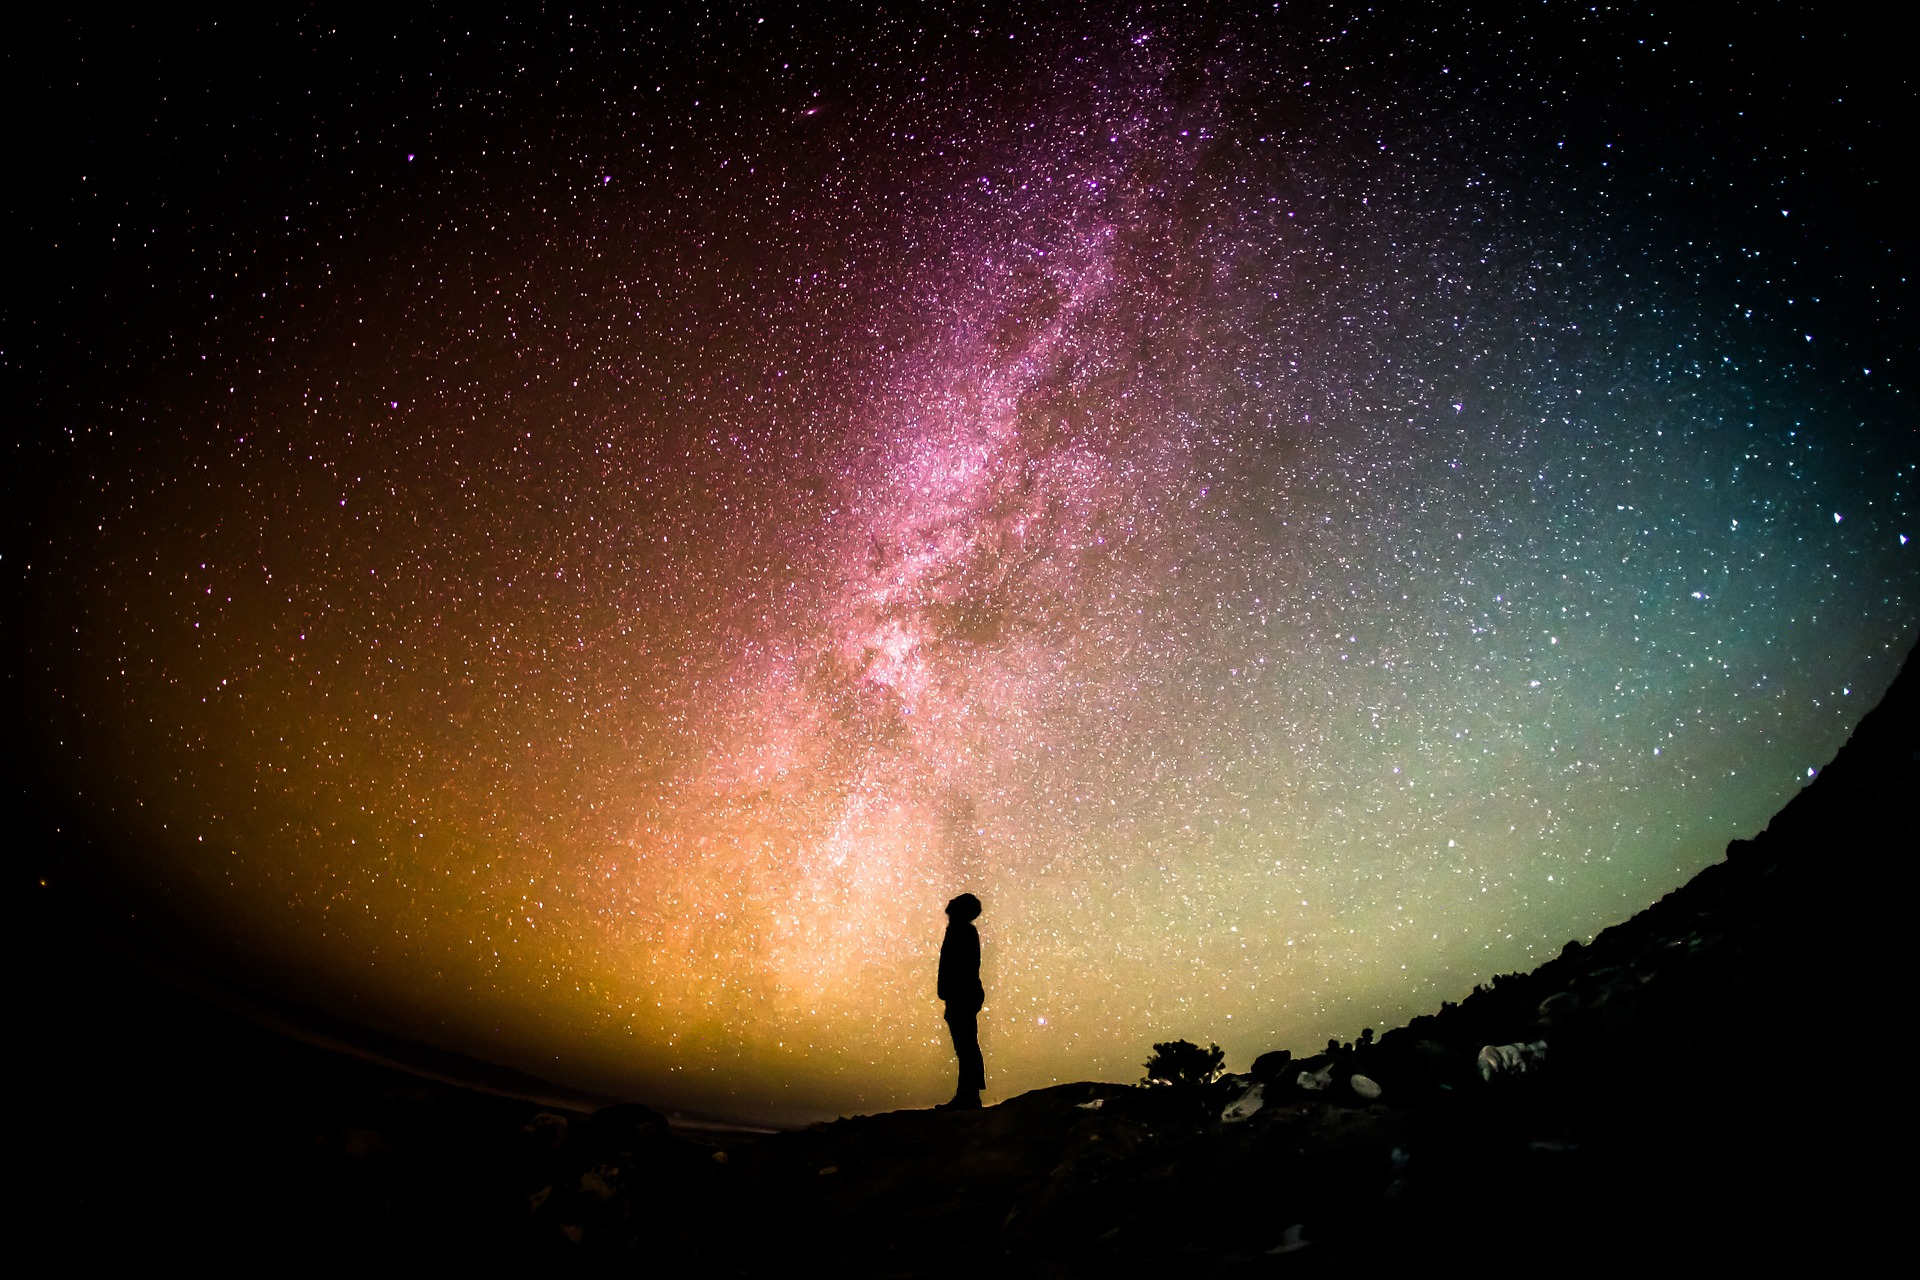 Viaggio nello spazio: i sogni e le paure più comuni